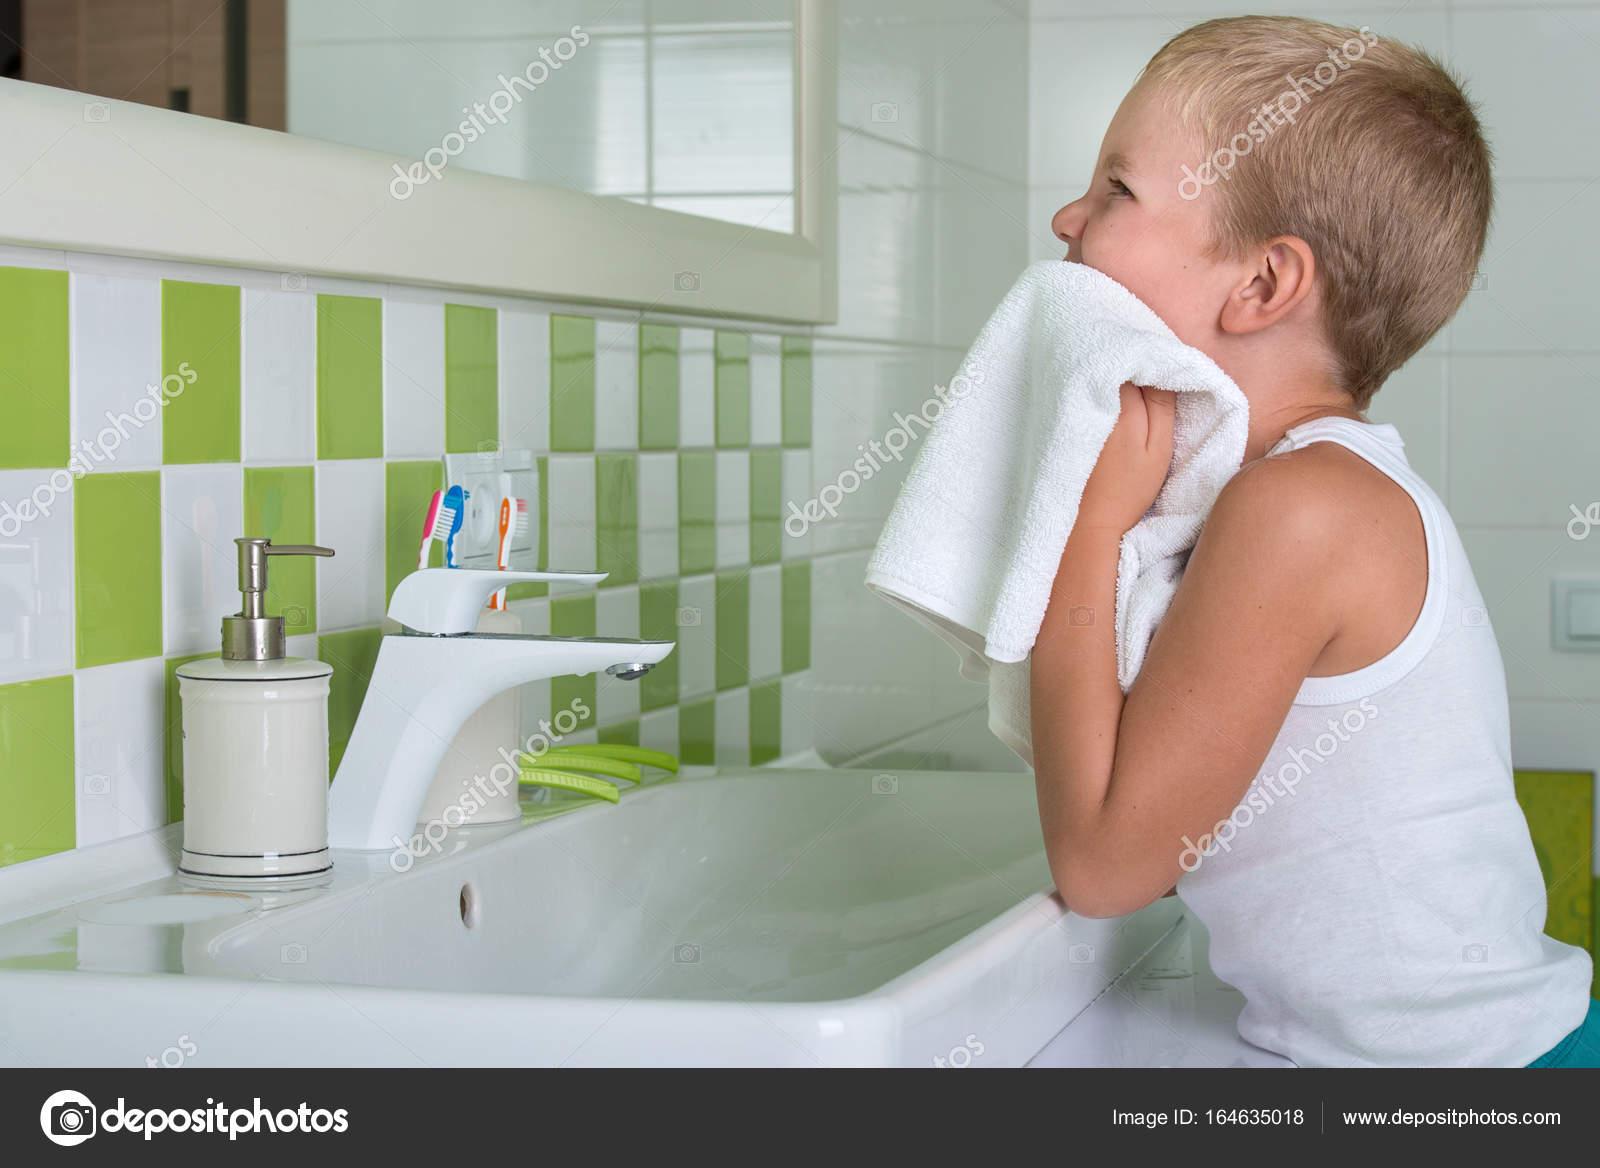 Bagno Con Un Ragazzo : Fa sesso con quattro ragazzi nel bagno di un ristorante il